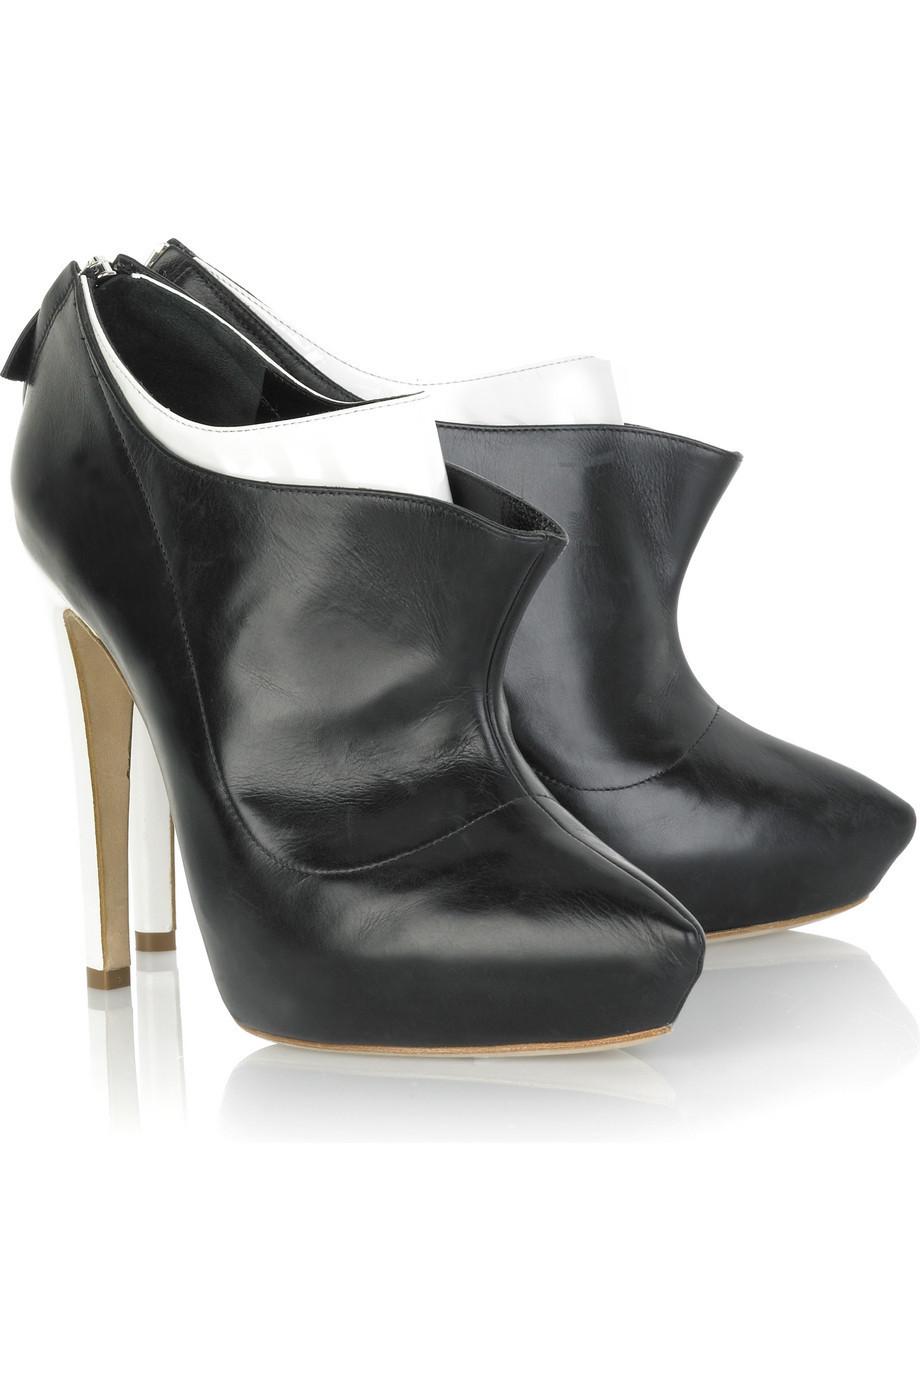 Rupert Sanderson Kit Kat shoe boots | NET-A-PORTER.COM from net-a-porter.com